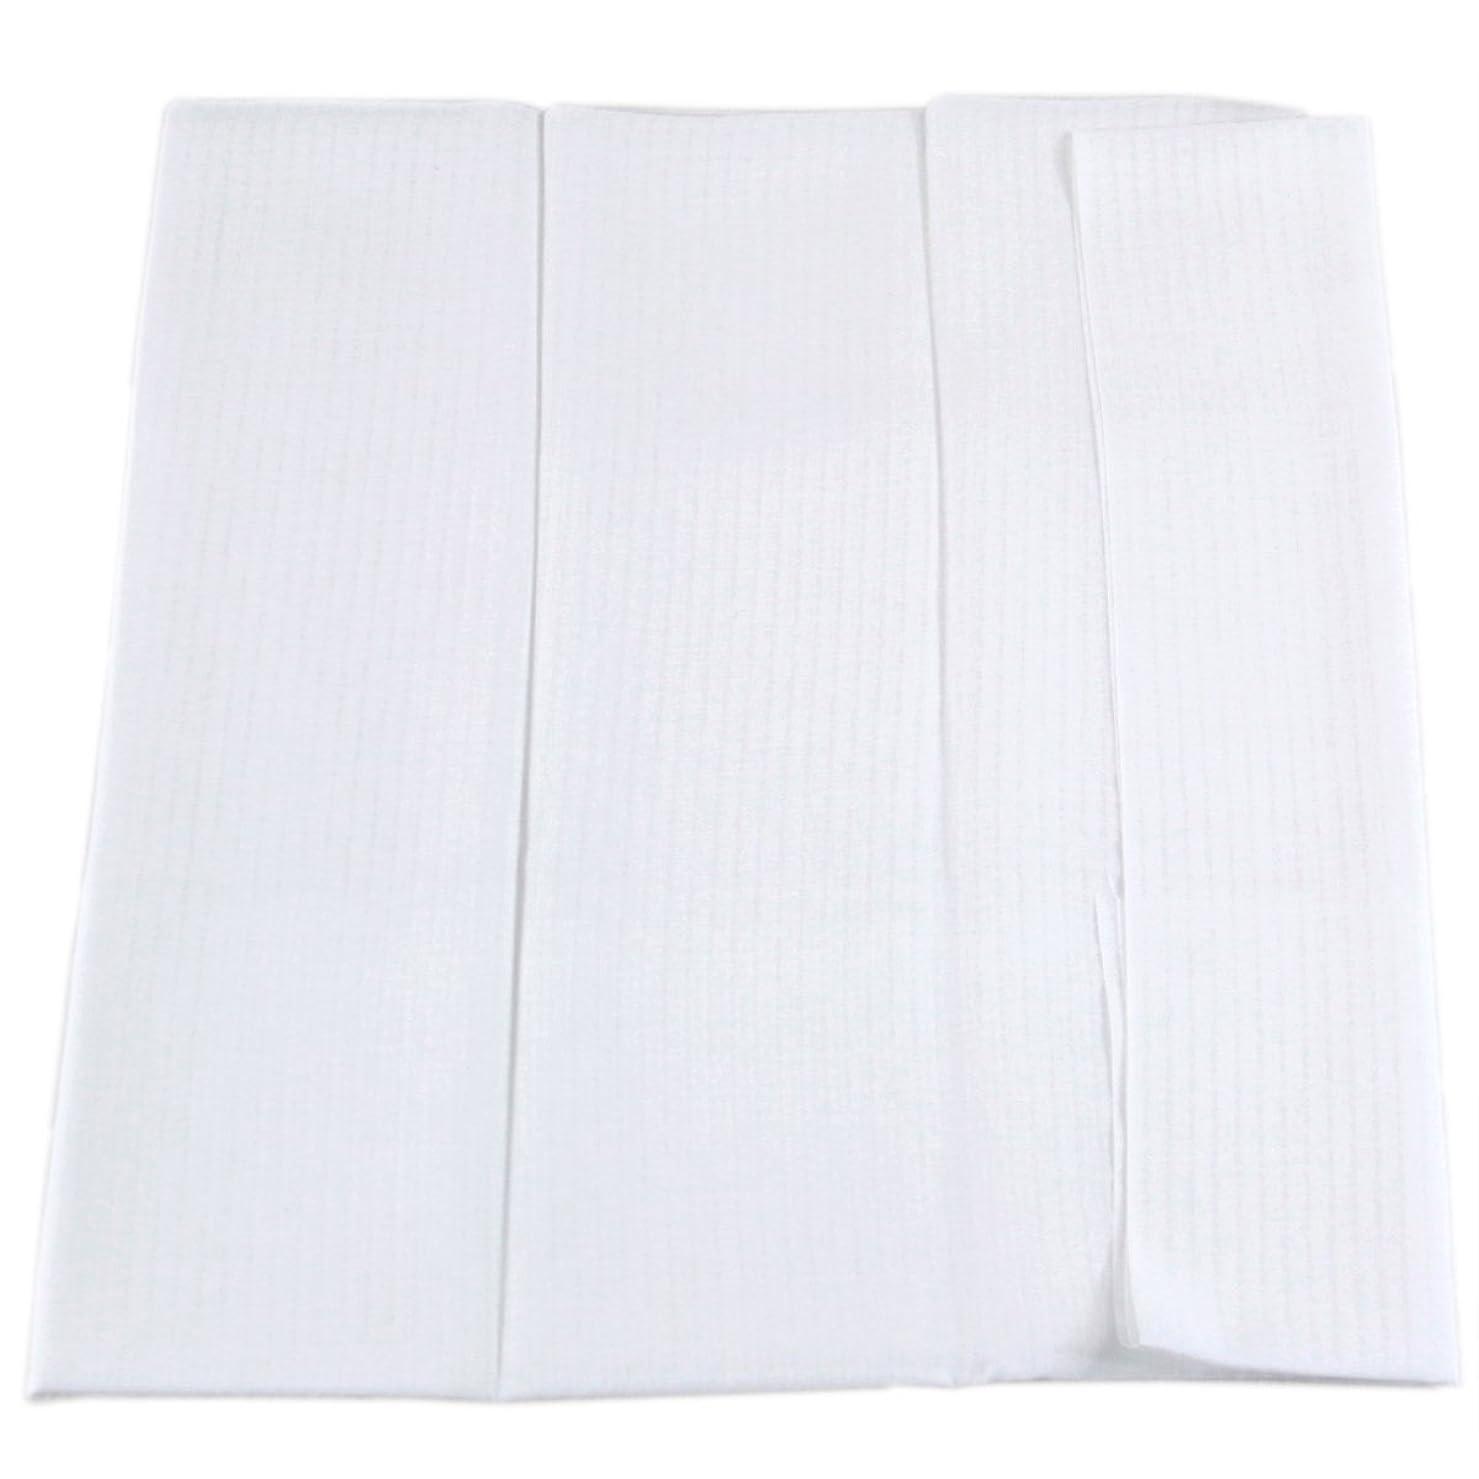 投資過言まだら[キョウエツ] 袴セット 二尺袖着物 矢羽根 矢絣 無地袴 Mサイズ 3点セット(着物、袴、袴下帯) レディース